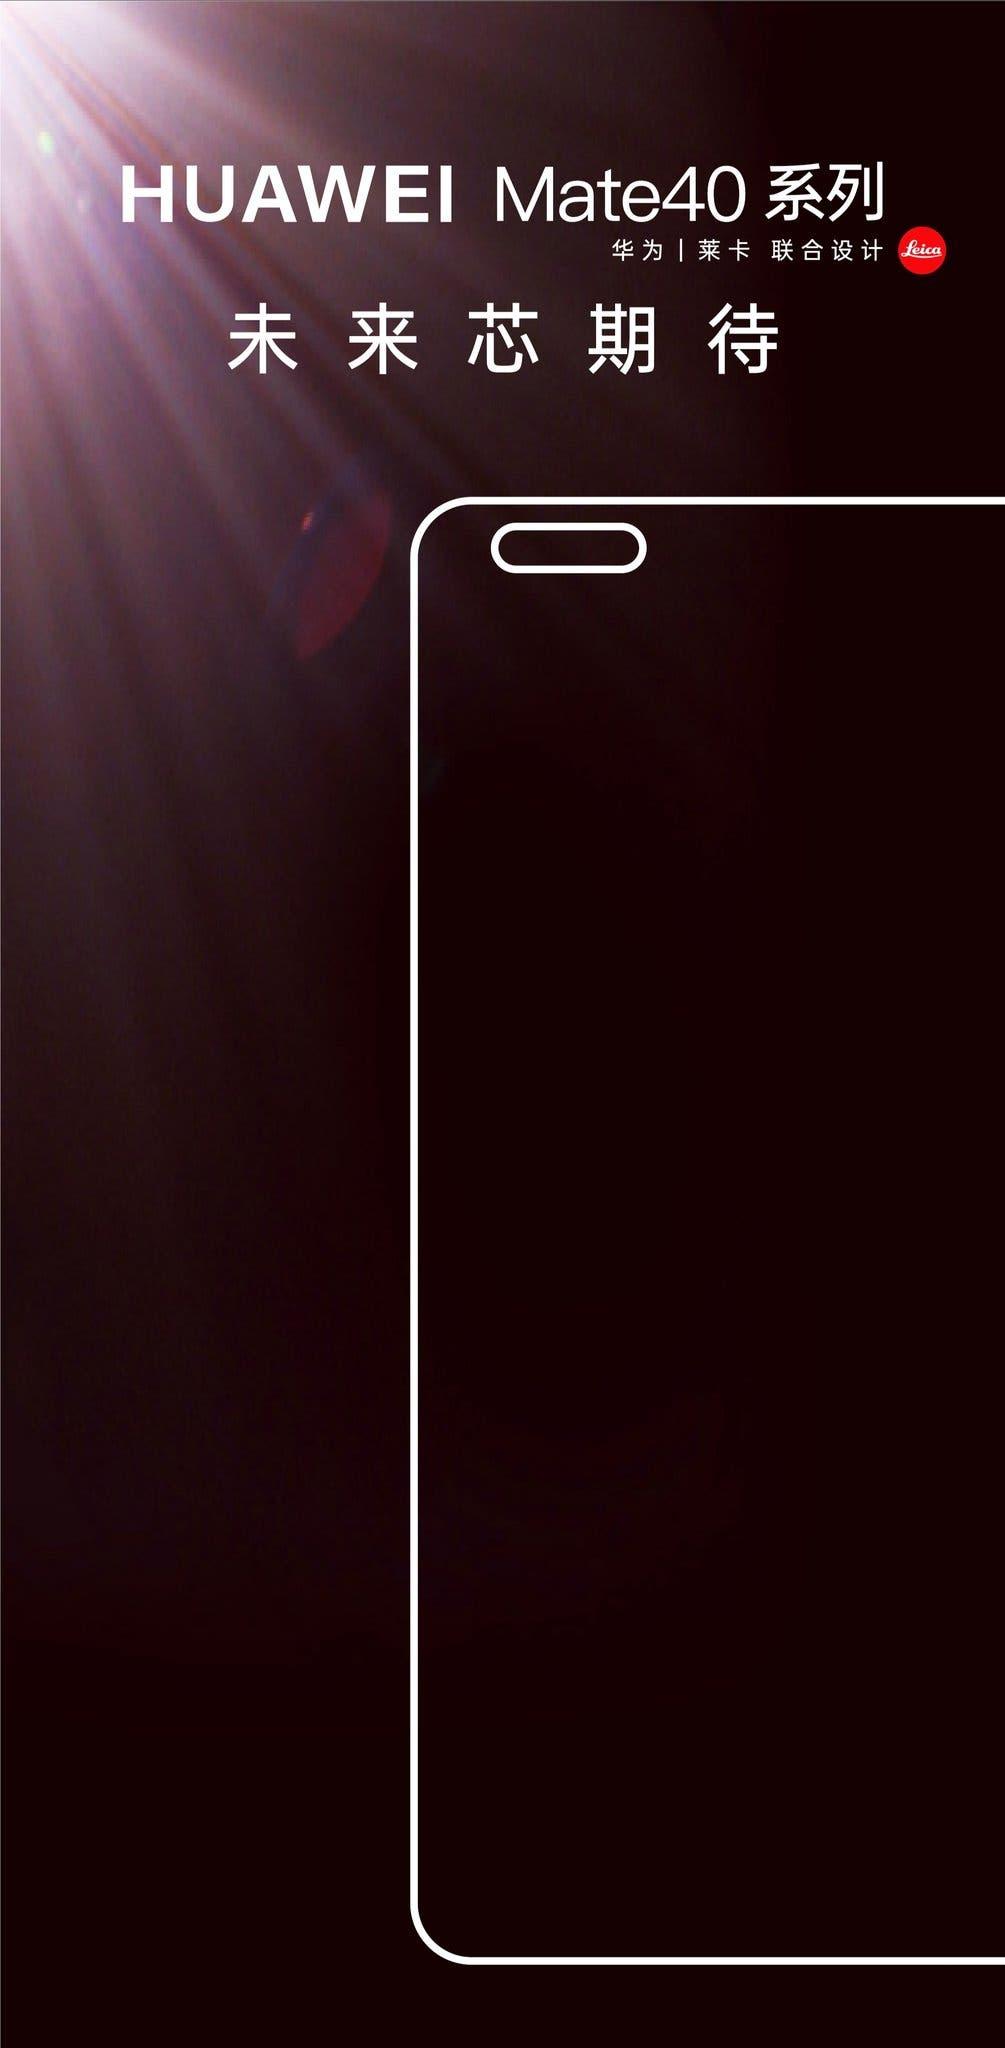 <a href='/huawei/'>Huawei</a> <a href='/mate-40/'>Mate 40</a> ve <a href='/mate-40/'>Mate 40</a> Pro 22 Ekim'de sunulacak